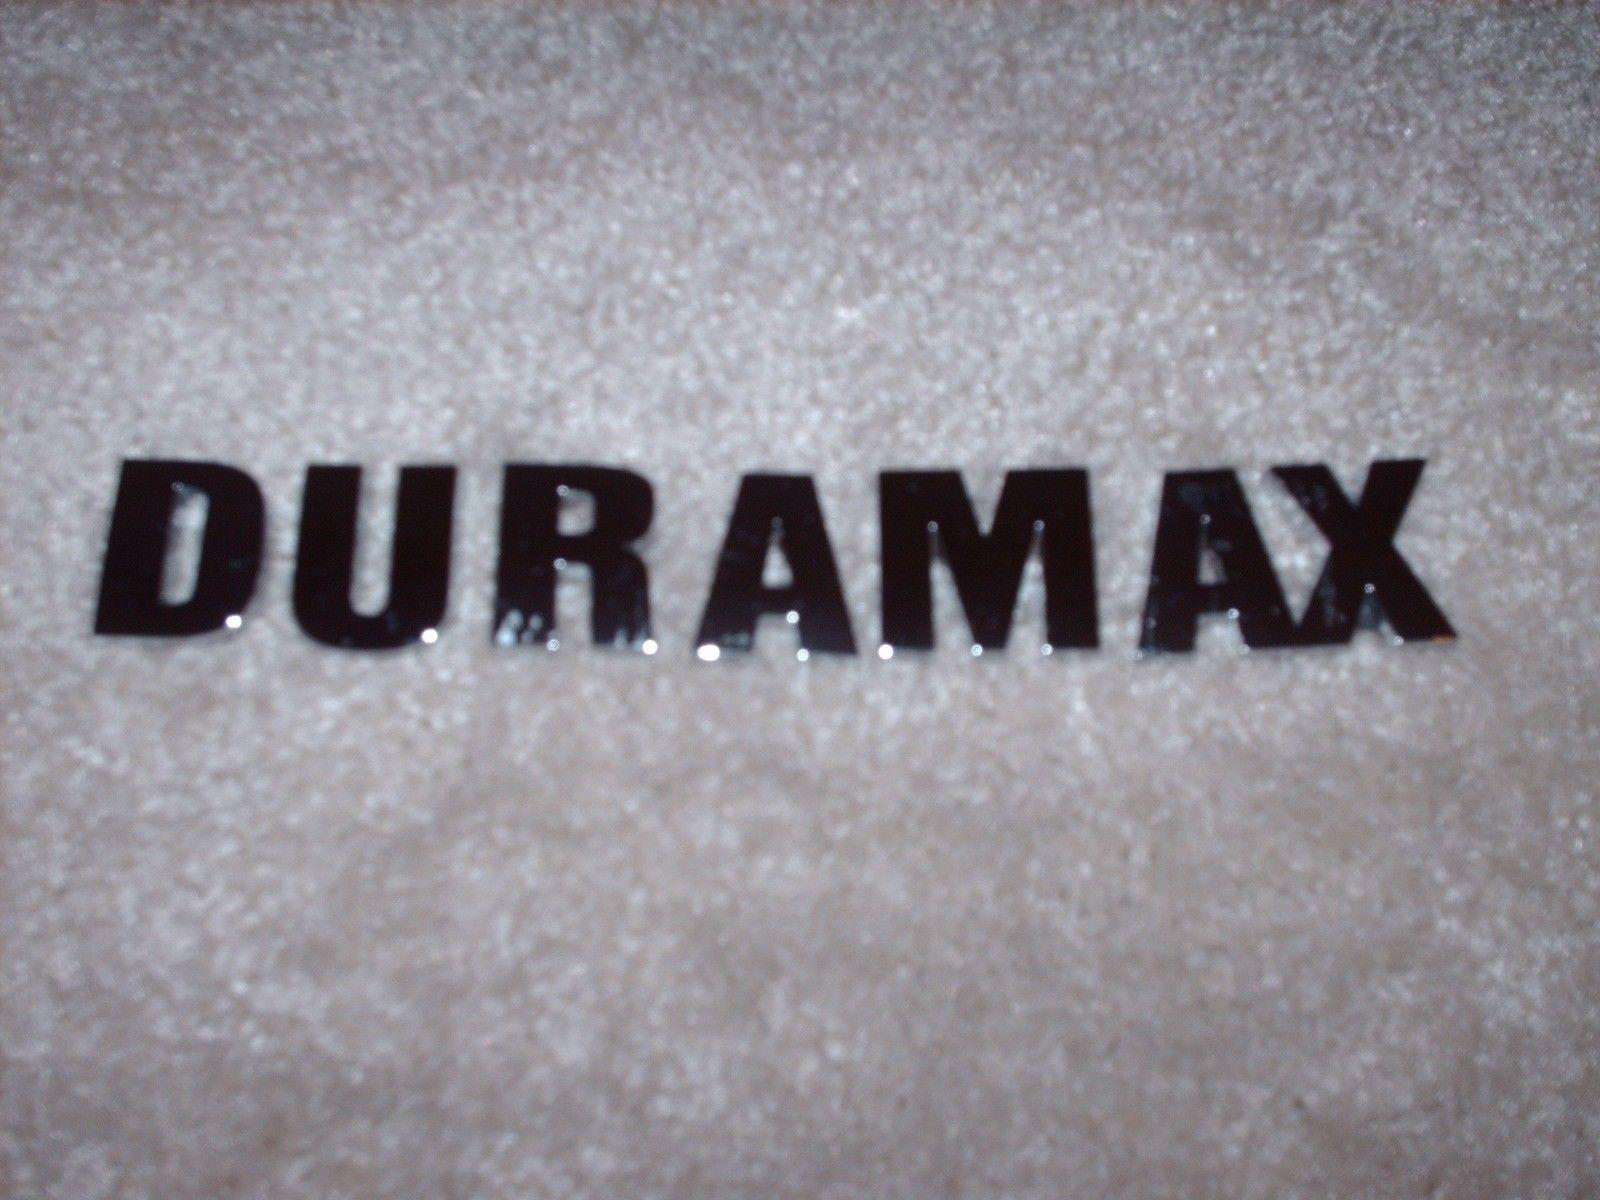 FACTORY NEW GENUINE LEXUS RX330 RX350 RX400h REAR CHROME EMBLEM 75442-48060